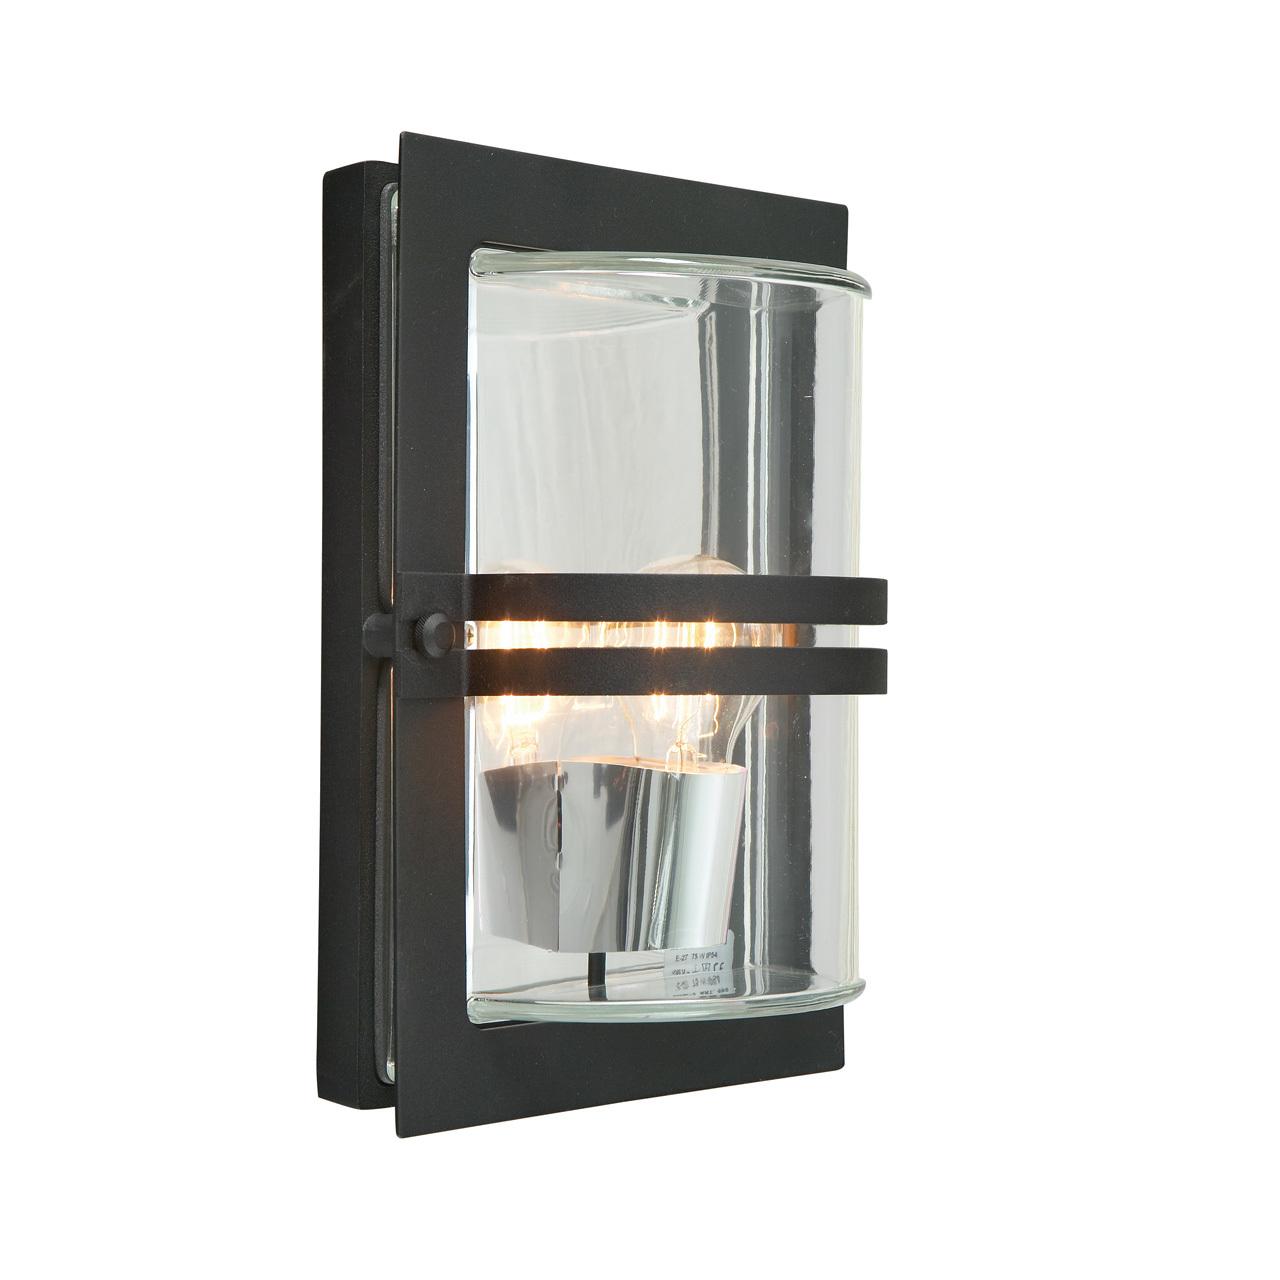 Lampa ścienna BASEL 660B -Norlys  SPRAWDŹ RABATY  5-10-15-20 % w koszyku